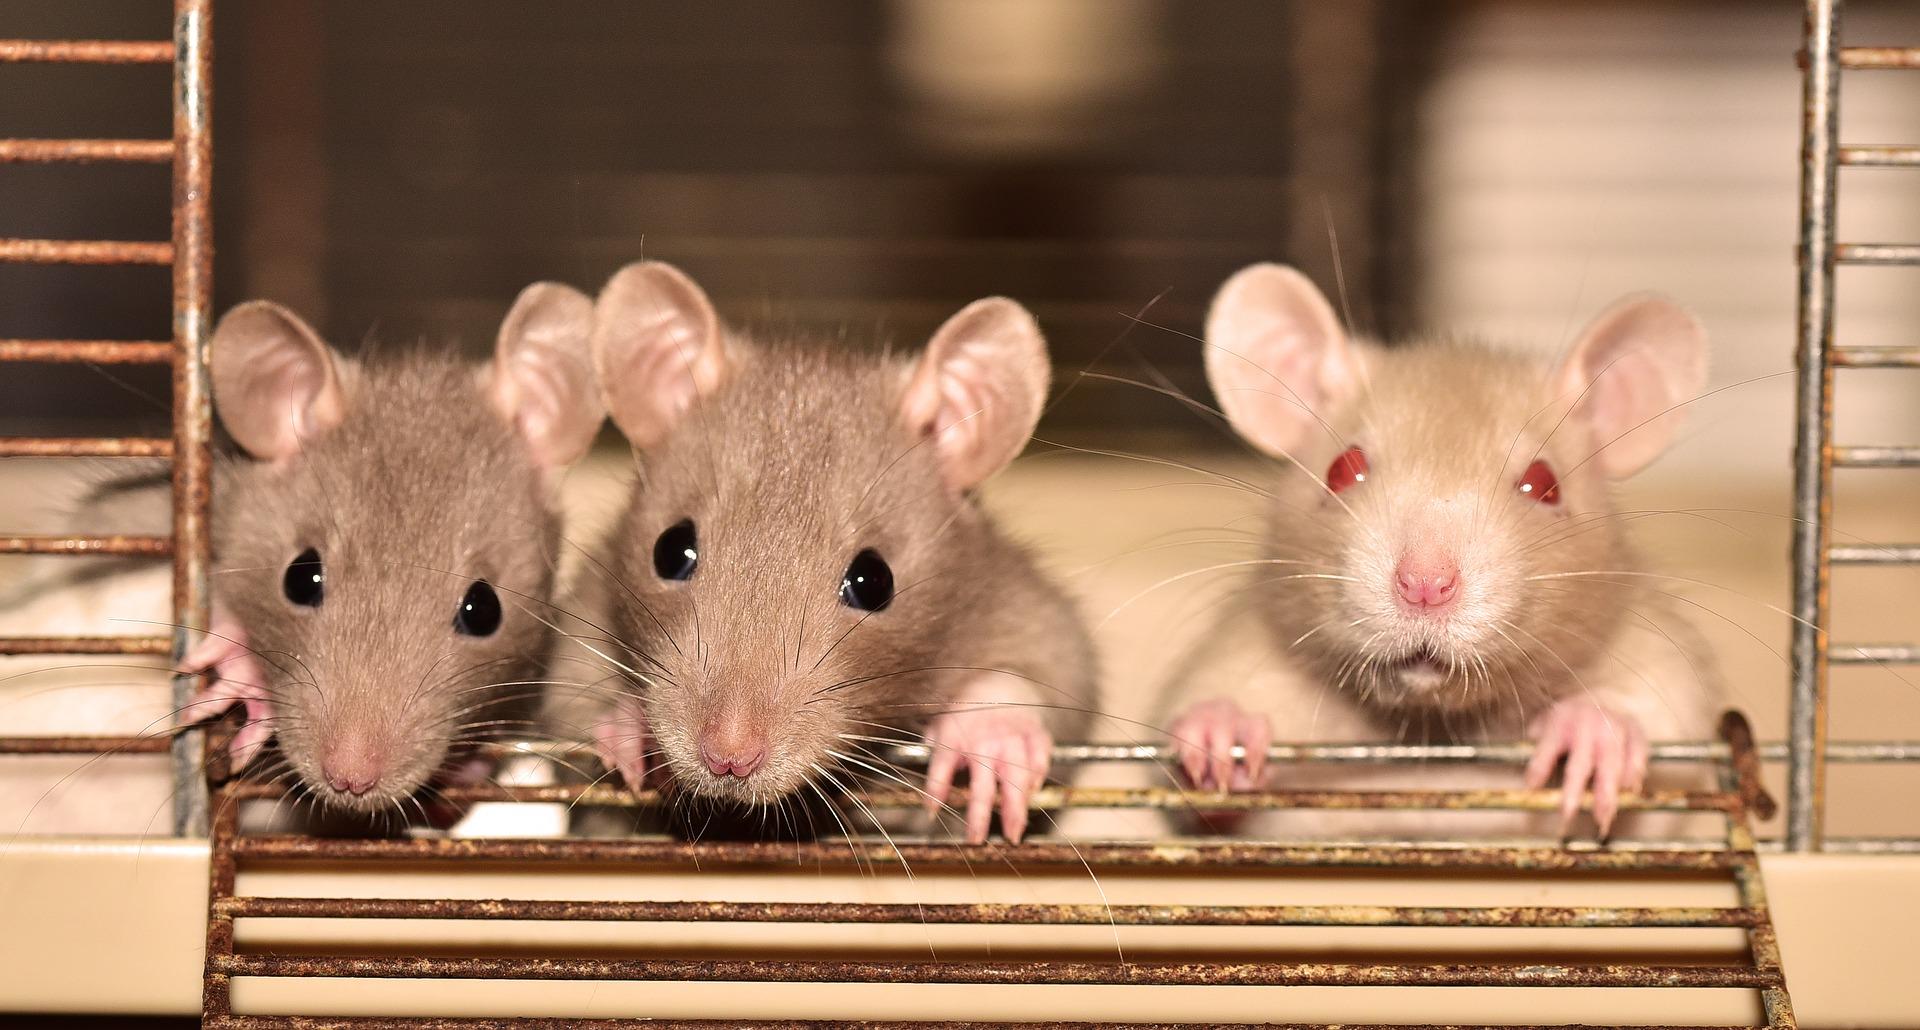 Klatka z szczurami